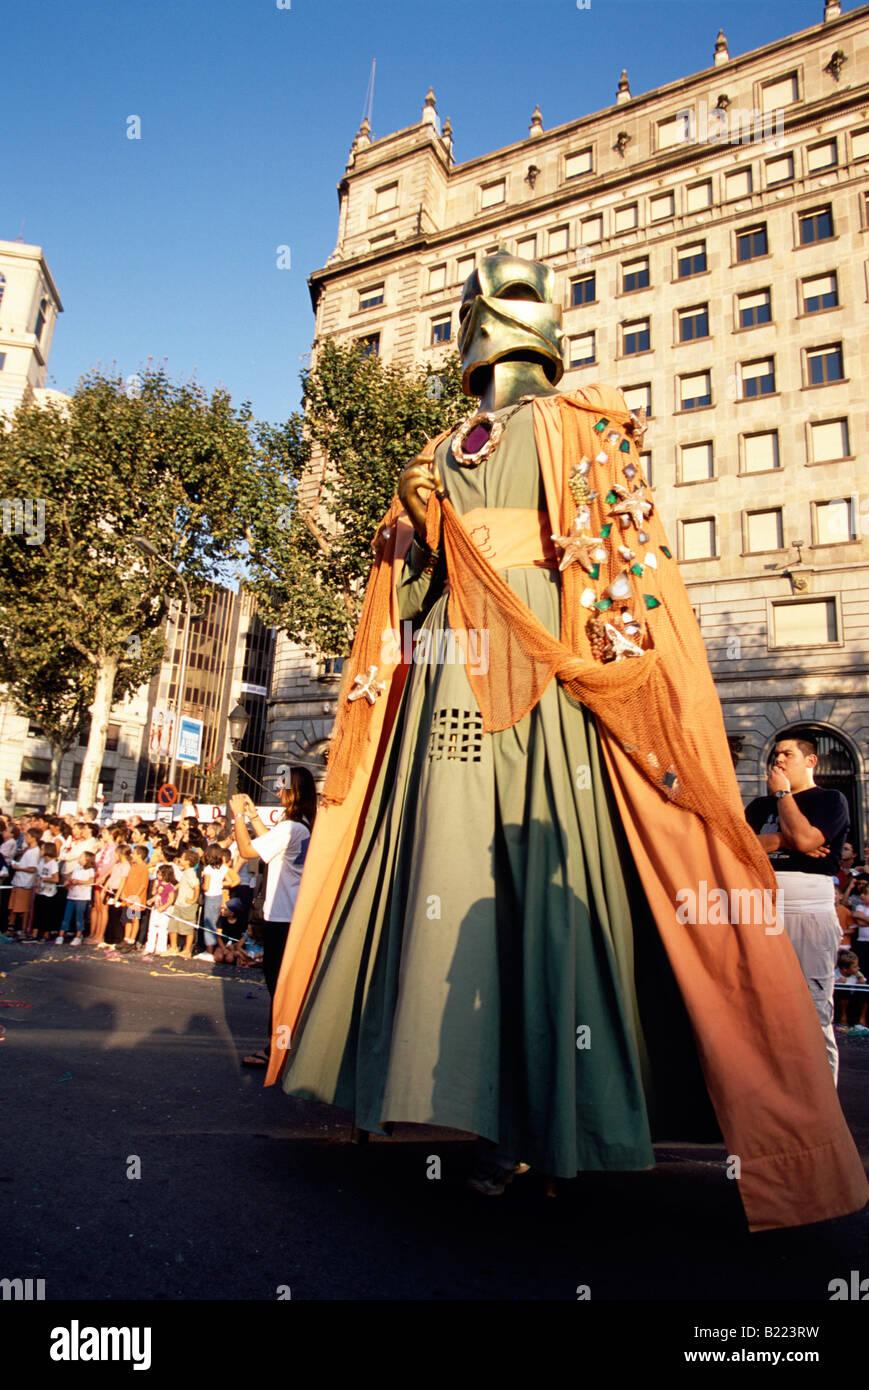 5m Gegantes desfile de gigantes en la Plaça Reial Festa de la Merce Barcelona Cataluña España Foto de stock